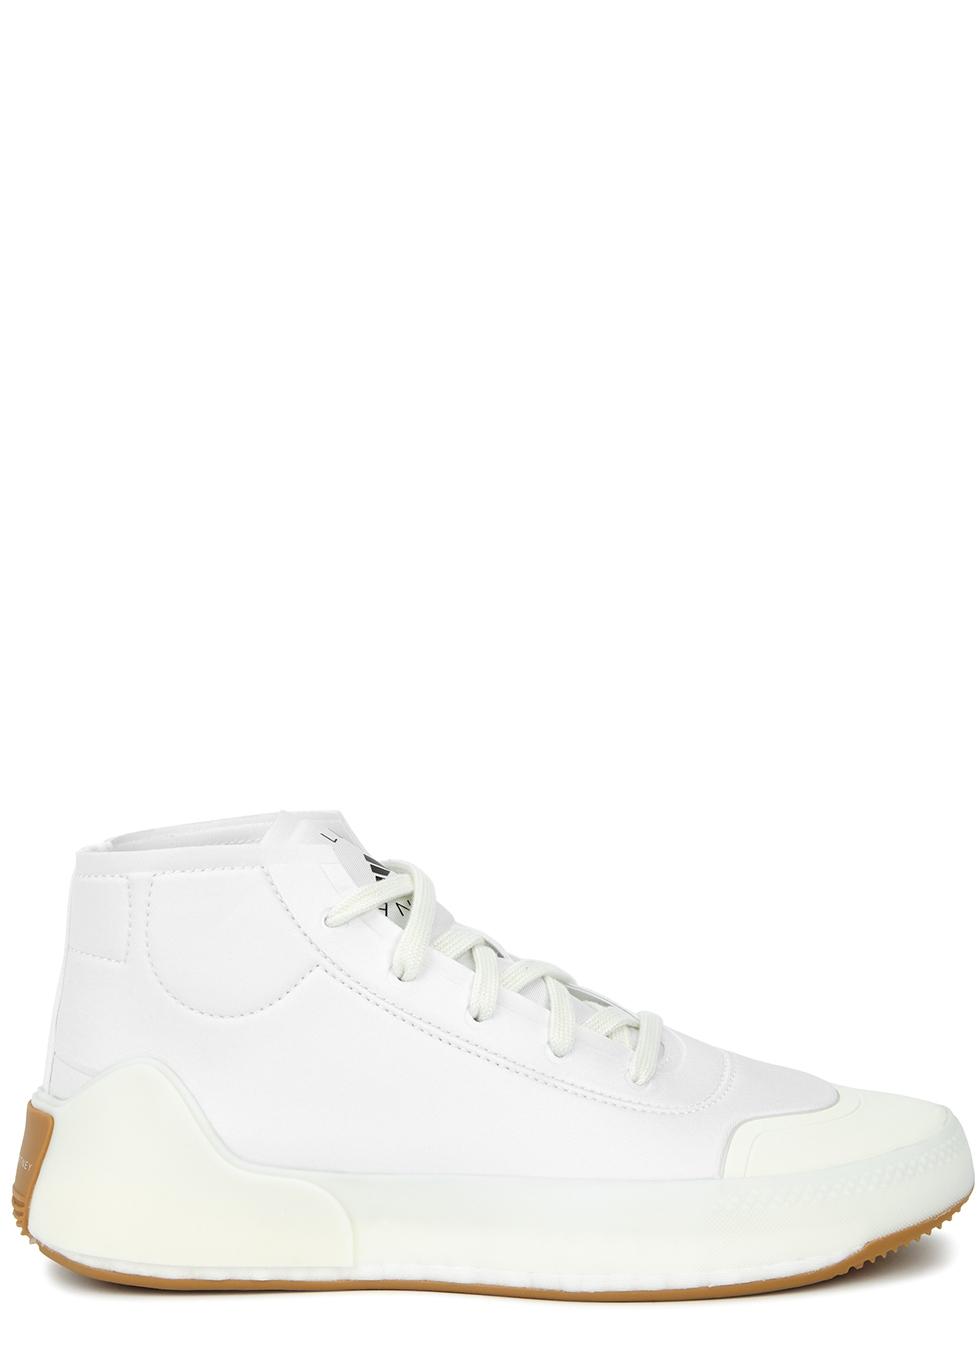 Treino white Primegreen sneakers